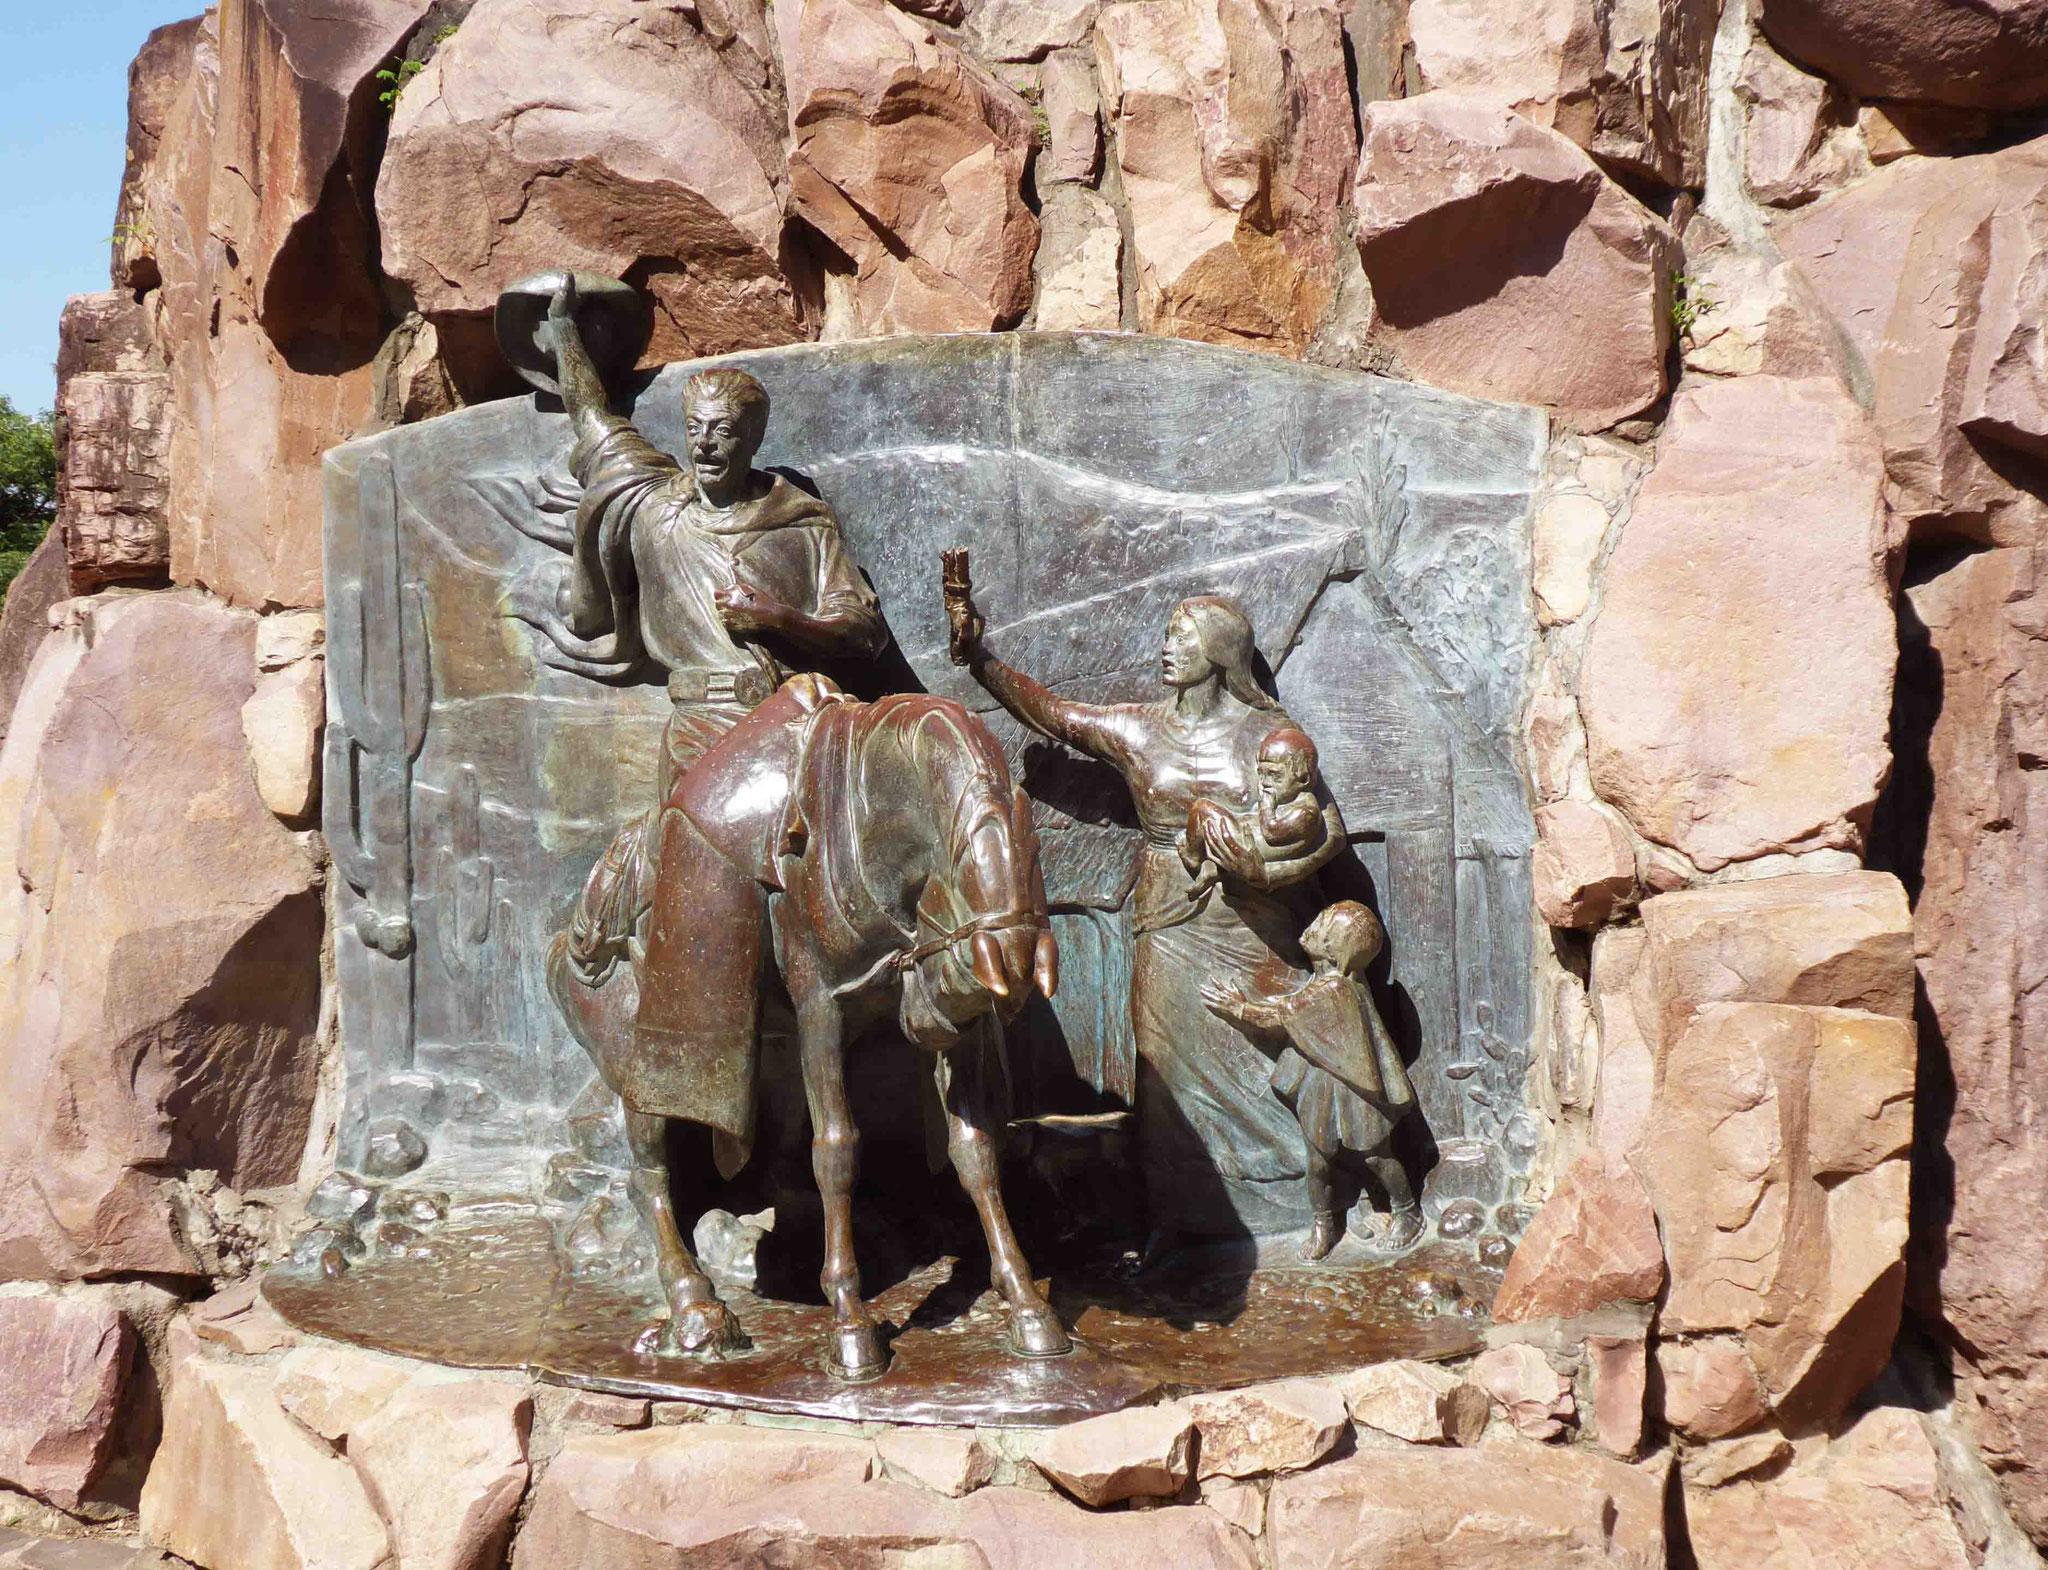 Statue et haut-relief, détails du monument dédié au Général Martín Miguel de Güemes (voir aussi périple 2015)